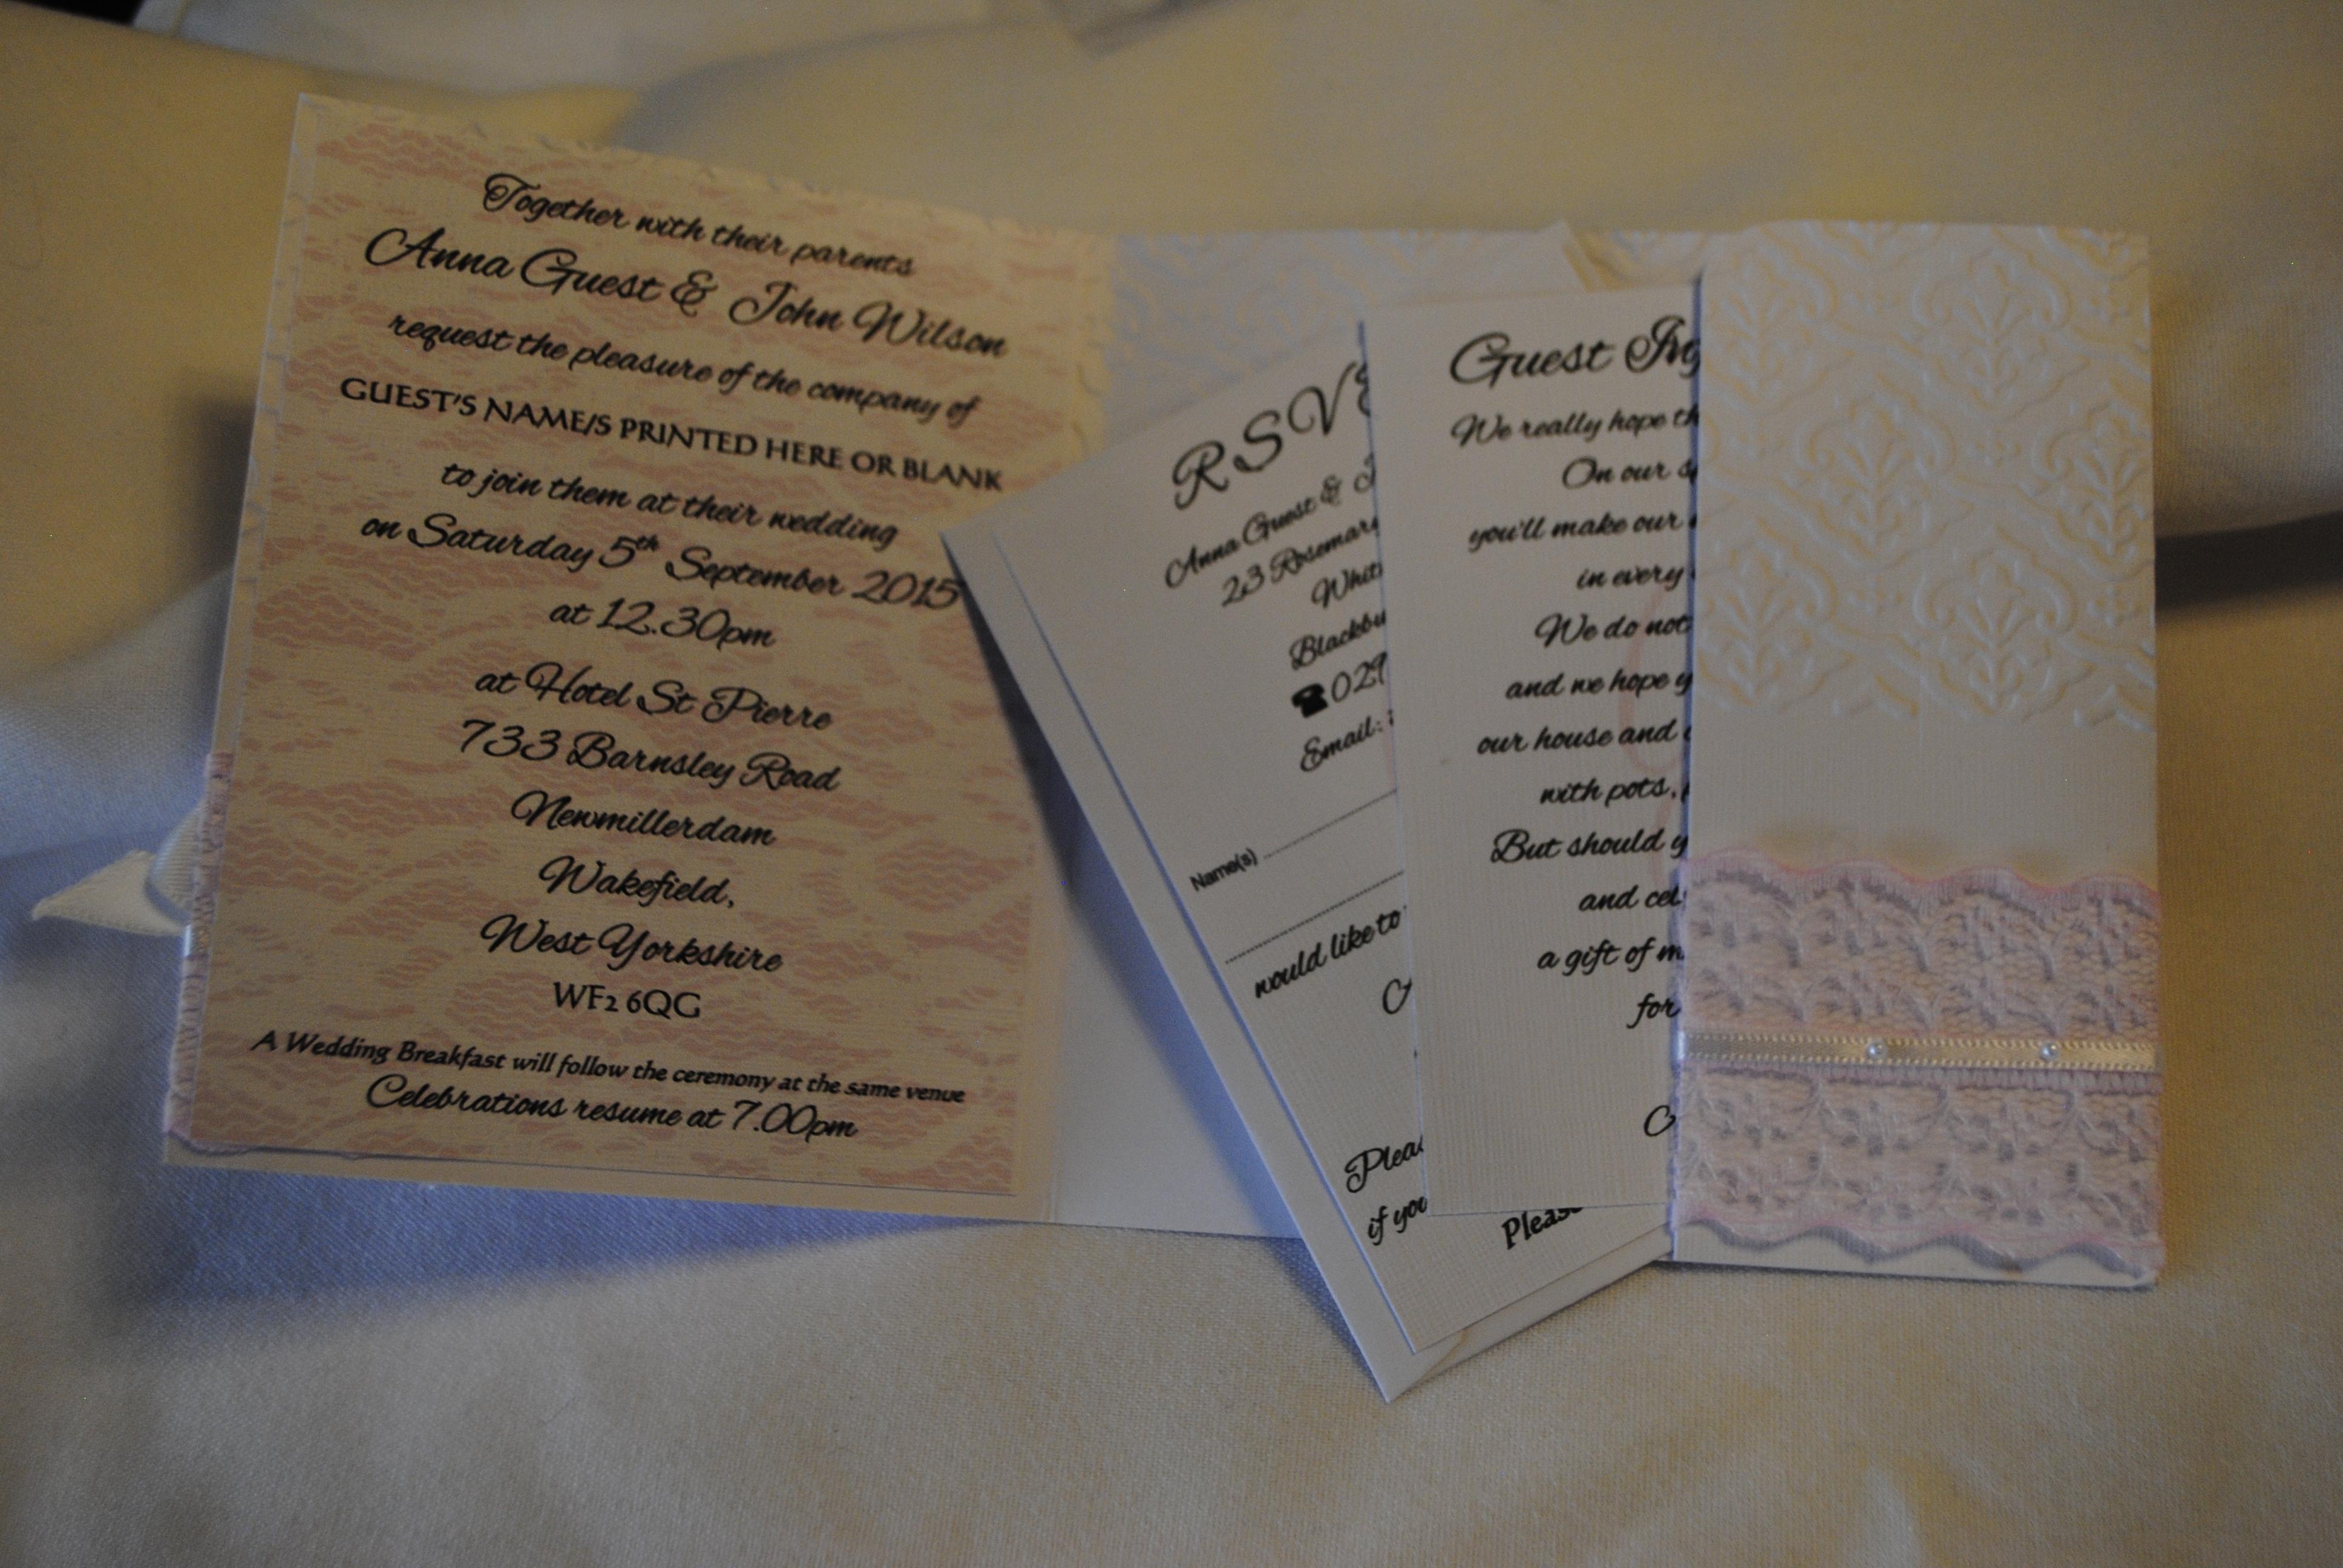 Chantilly Invitation Inside